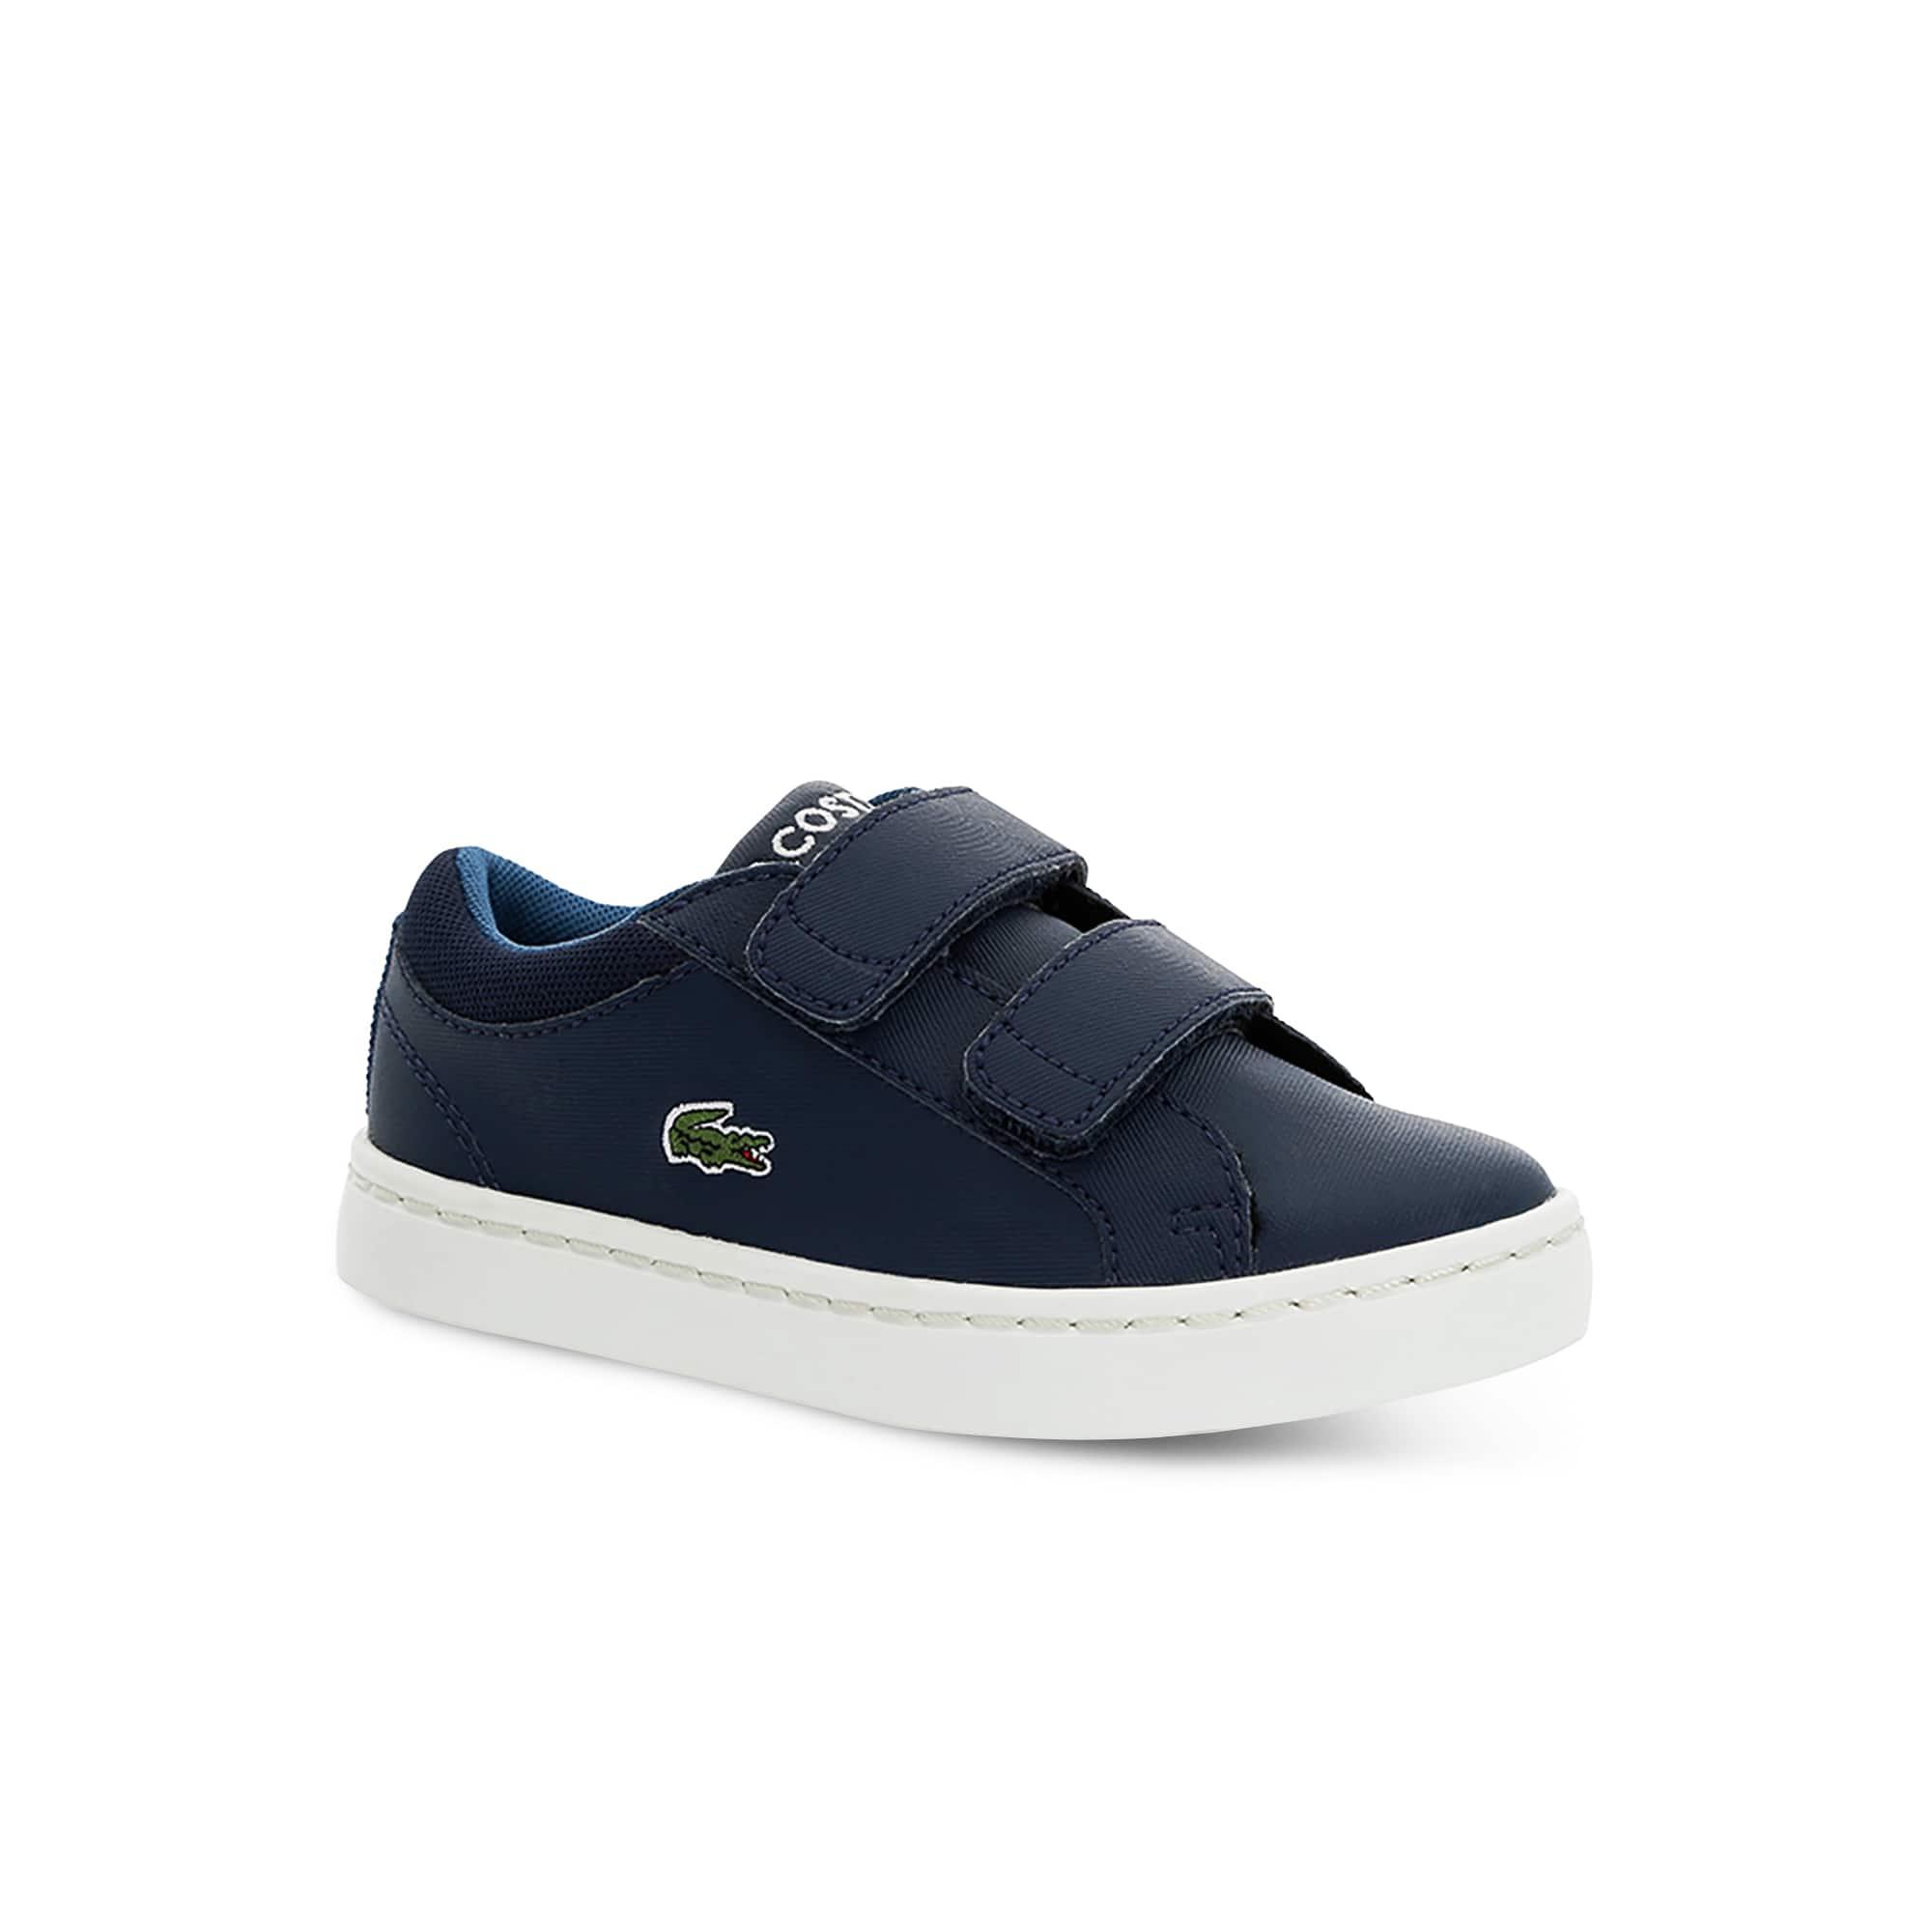 79f0044109 Jeunes enfants | Chaussures enfant | LACOSTE